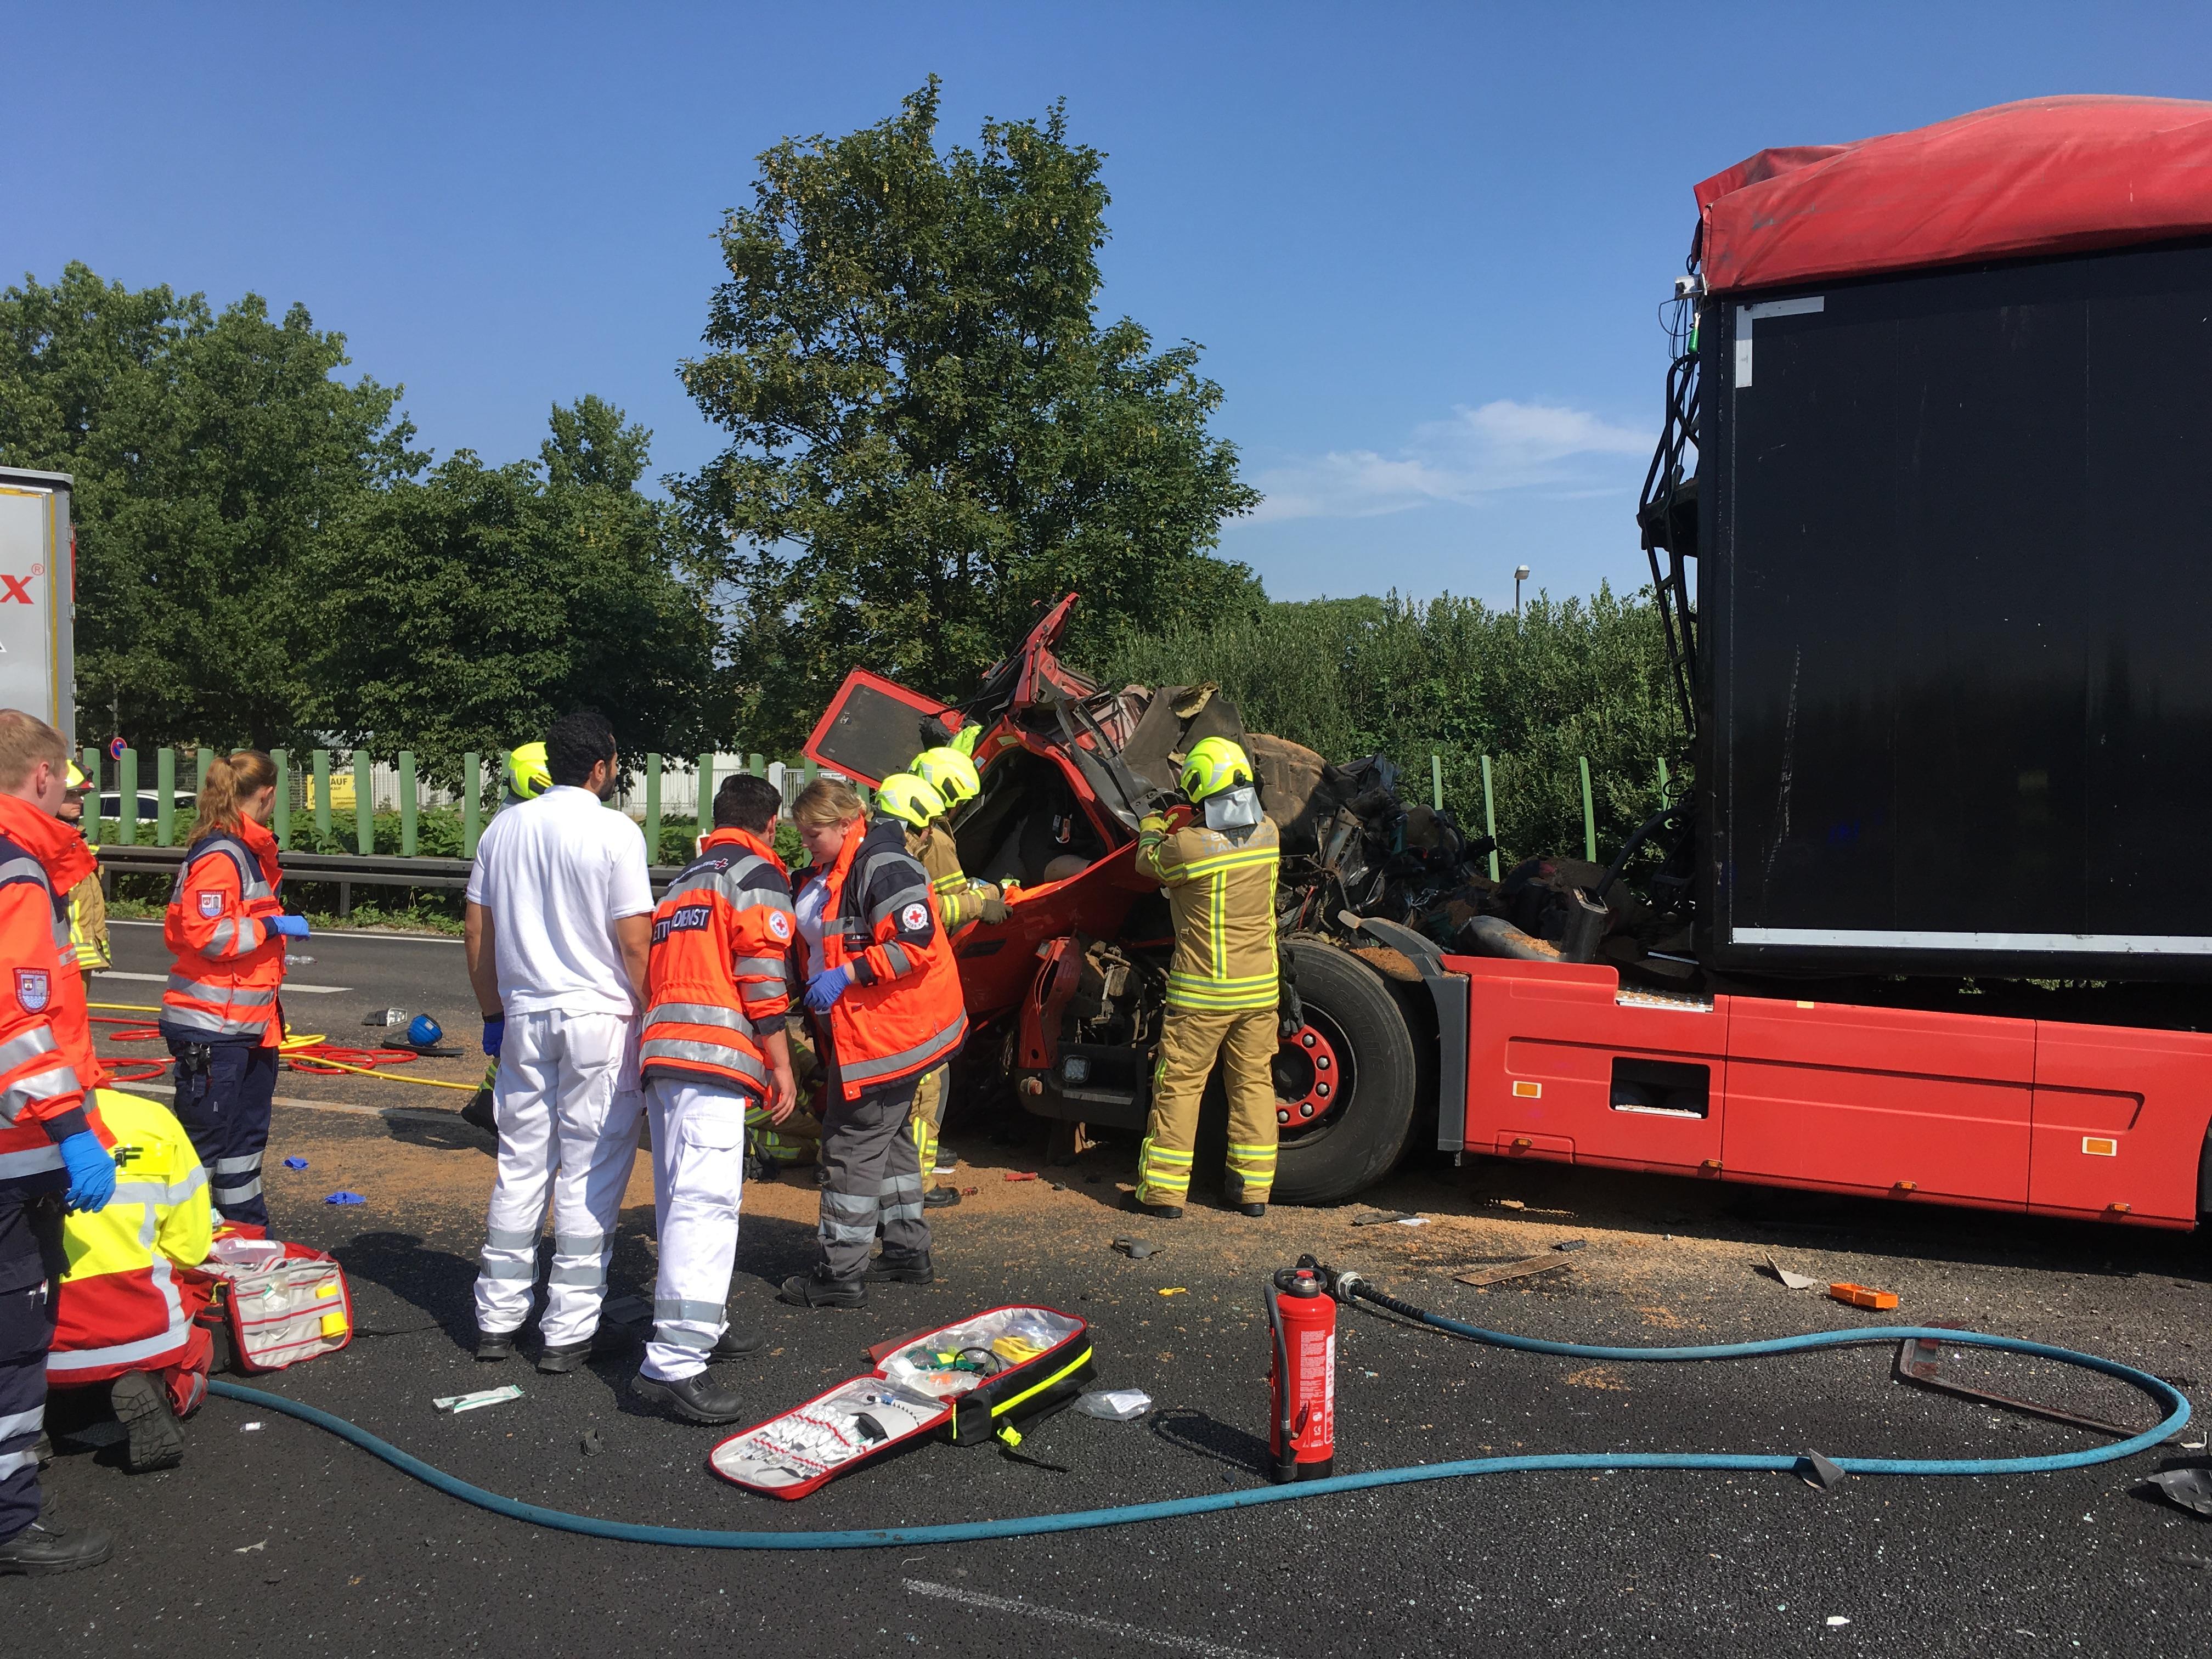 Einsatzkräfte der Feuerwehr Hannover befreien einen eingeklemmten LKW-Fahrer aus seinem völlig deformierten Fahrerhaus.